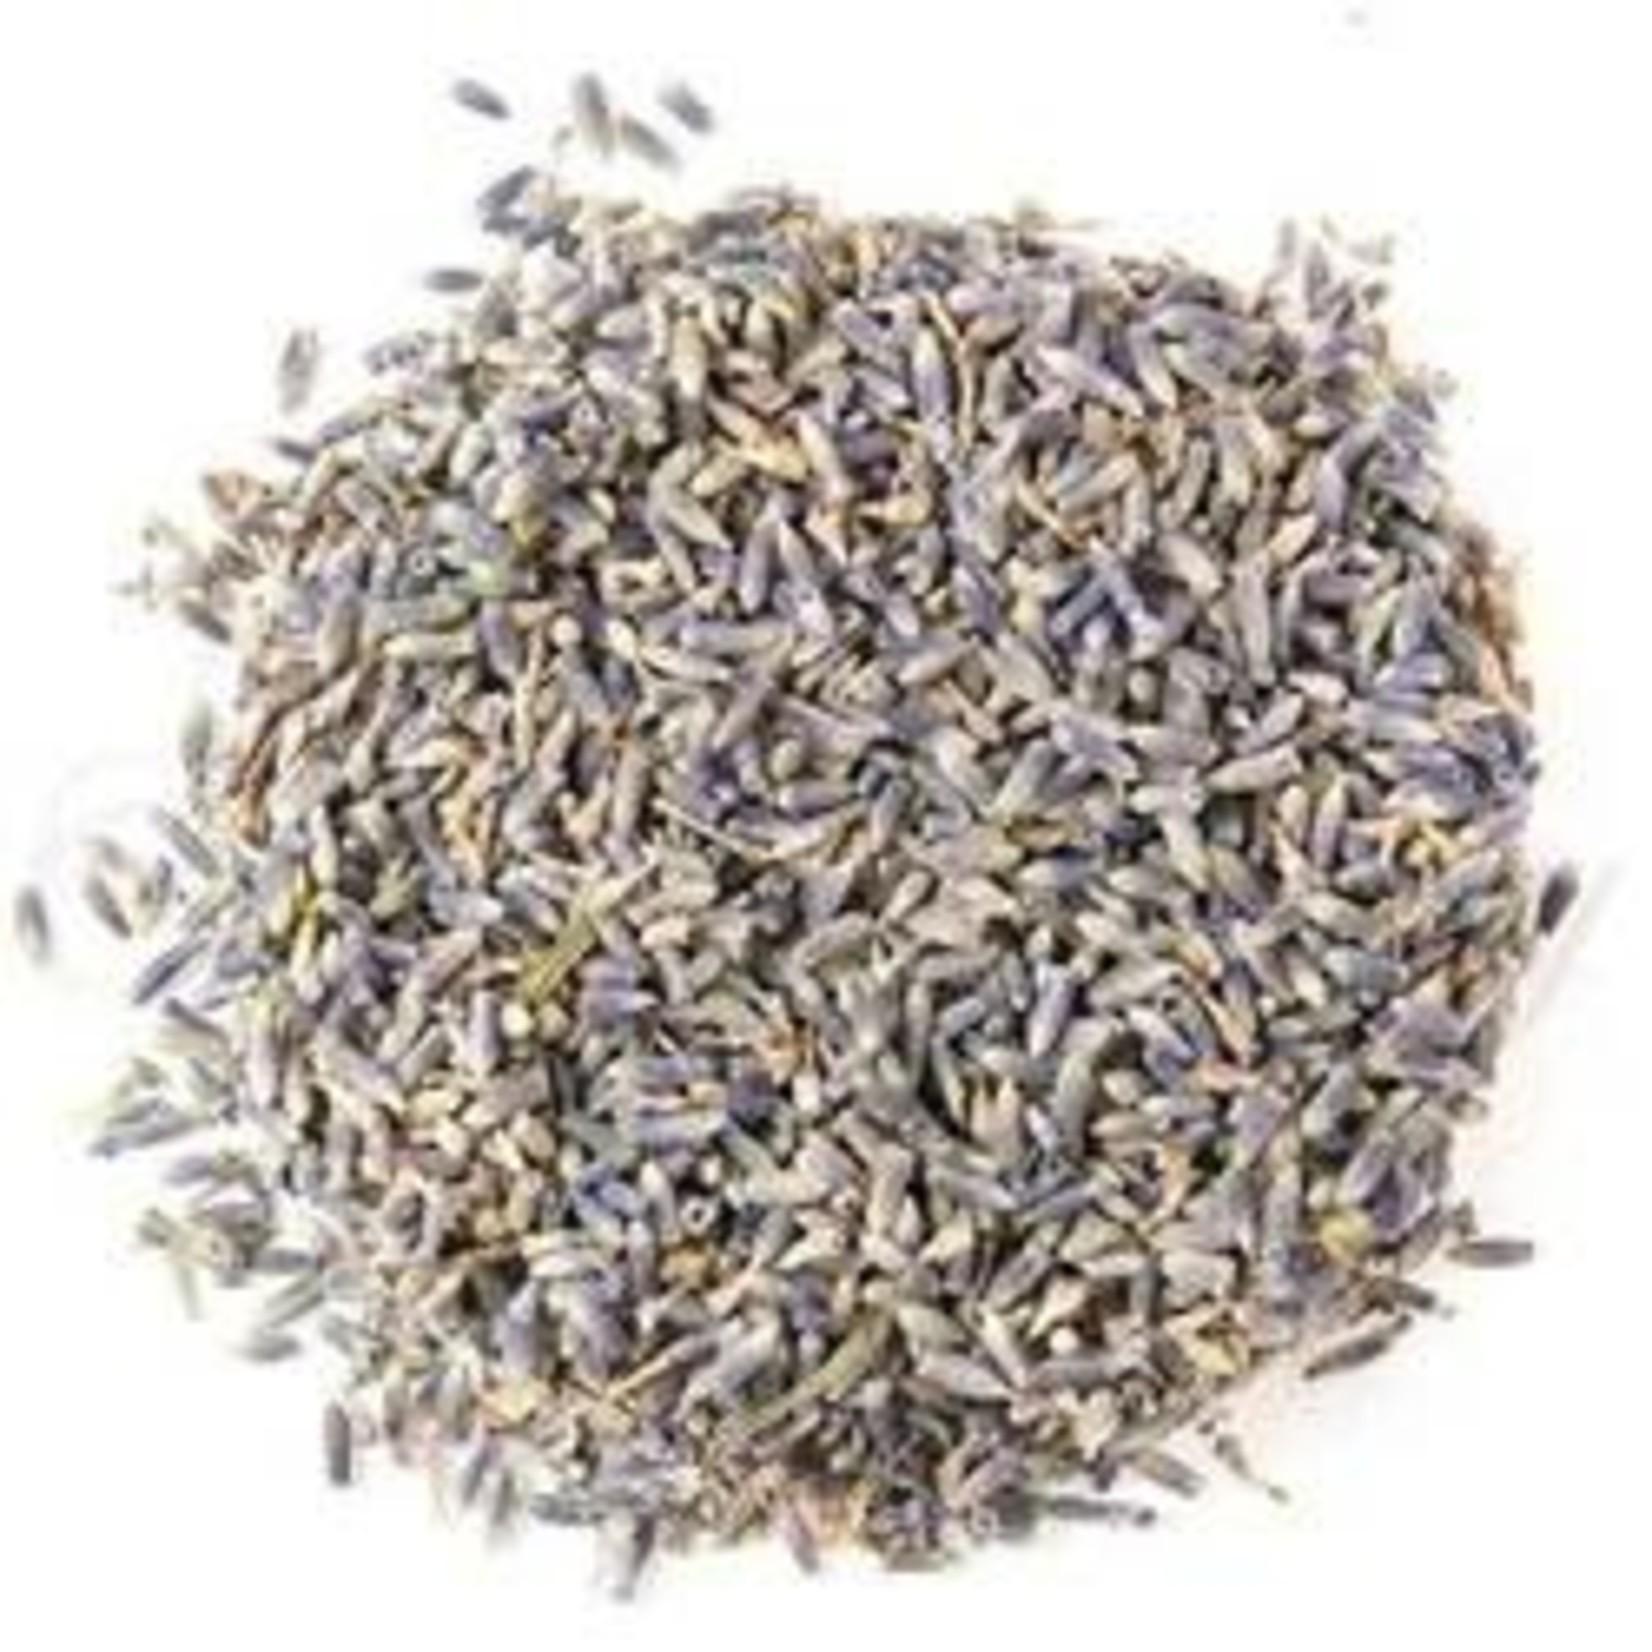 BrewBakers Tea Super Blue Lavender 50g